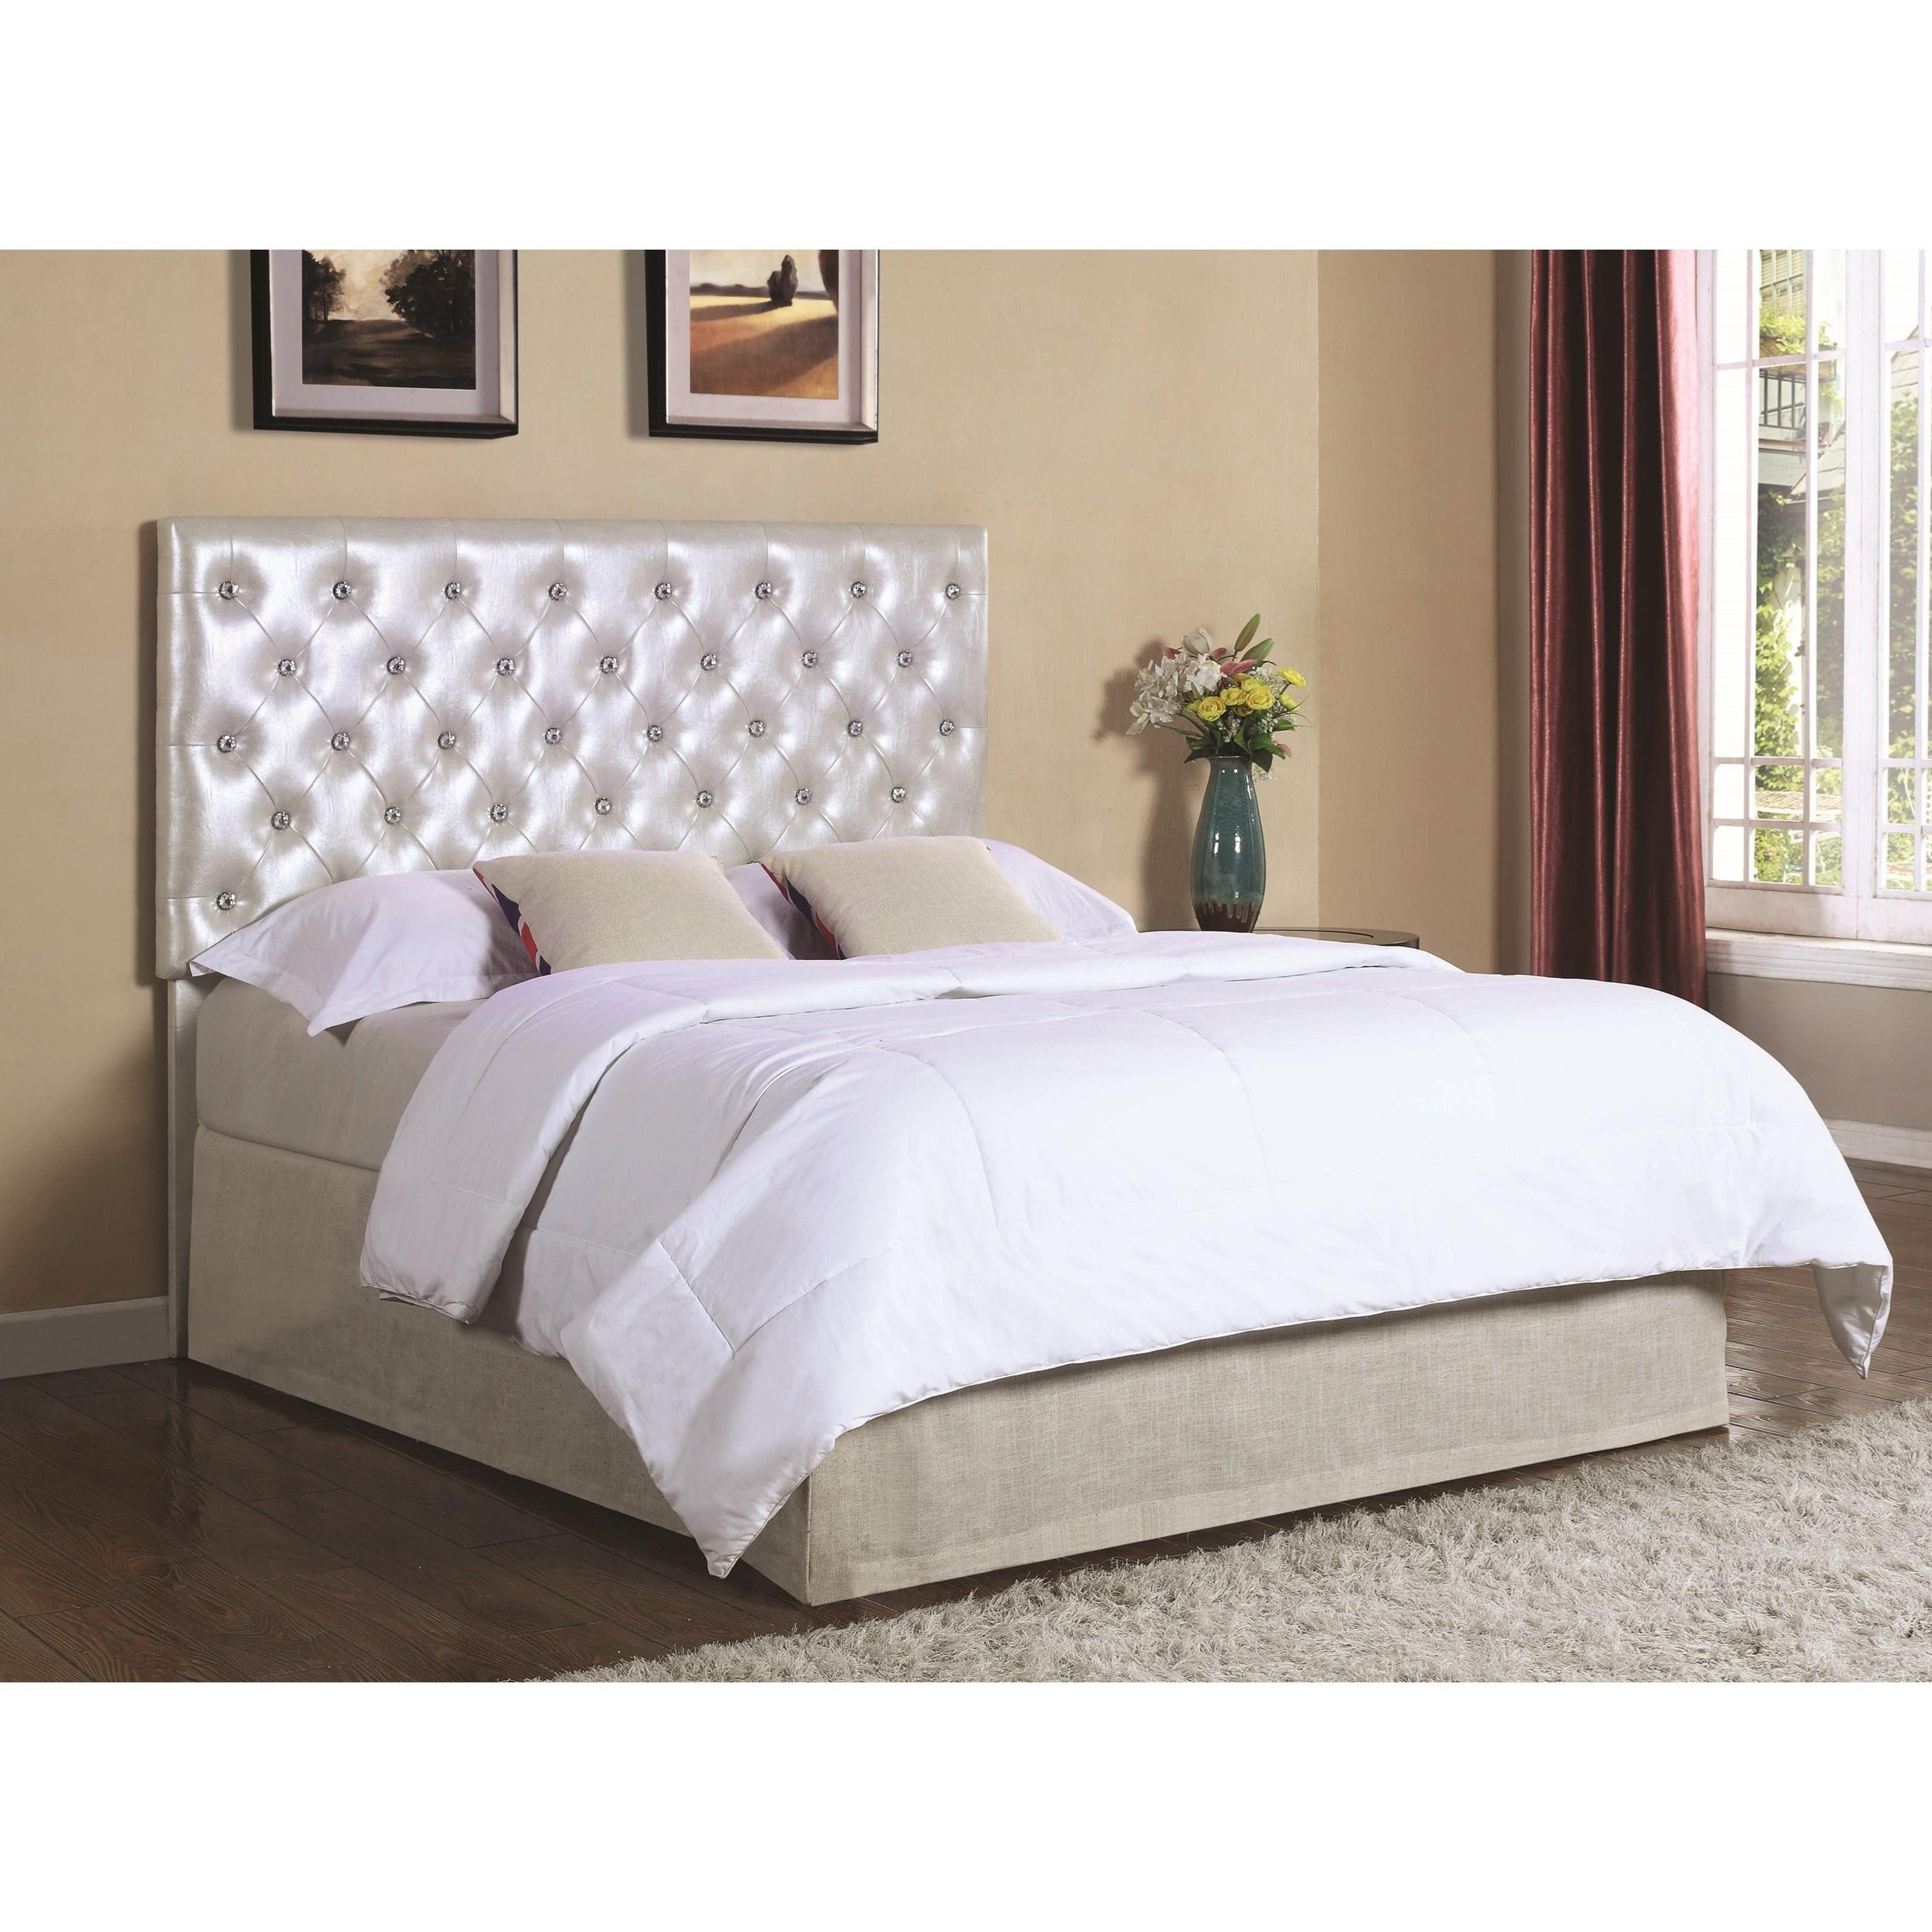 Coaster Upholstered Beds King/Cal King Headboard - Item Number: 300596K